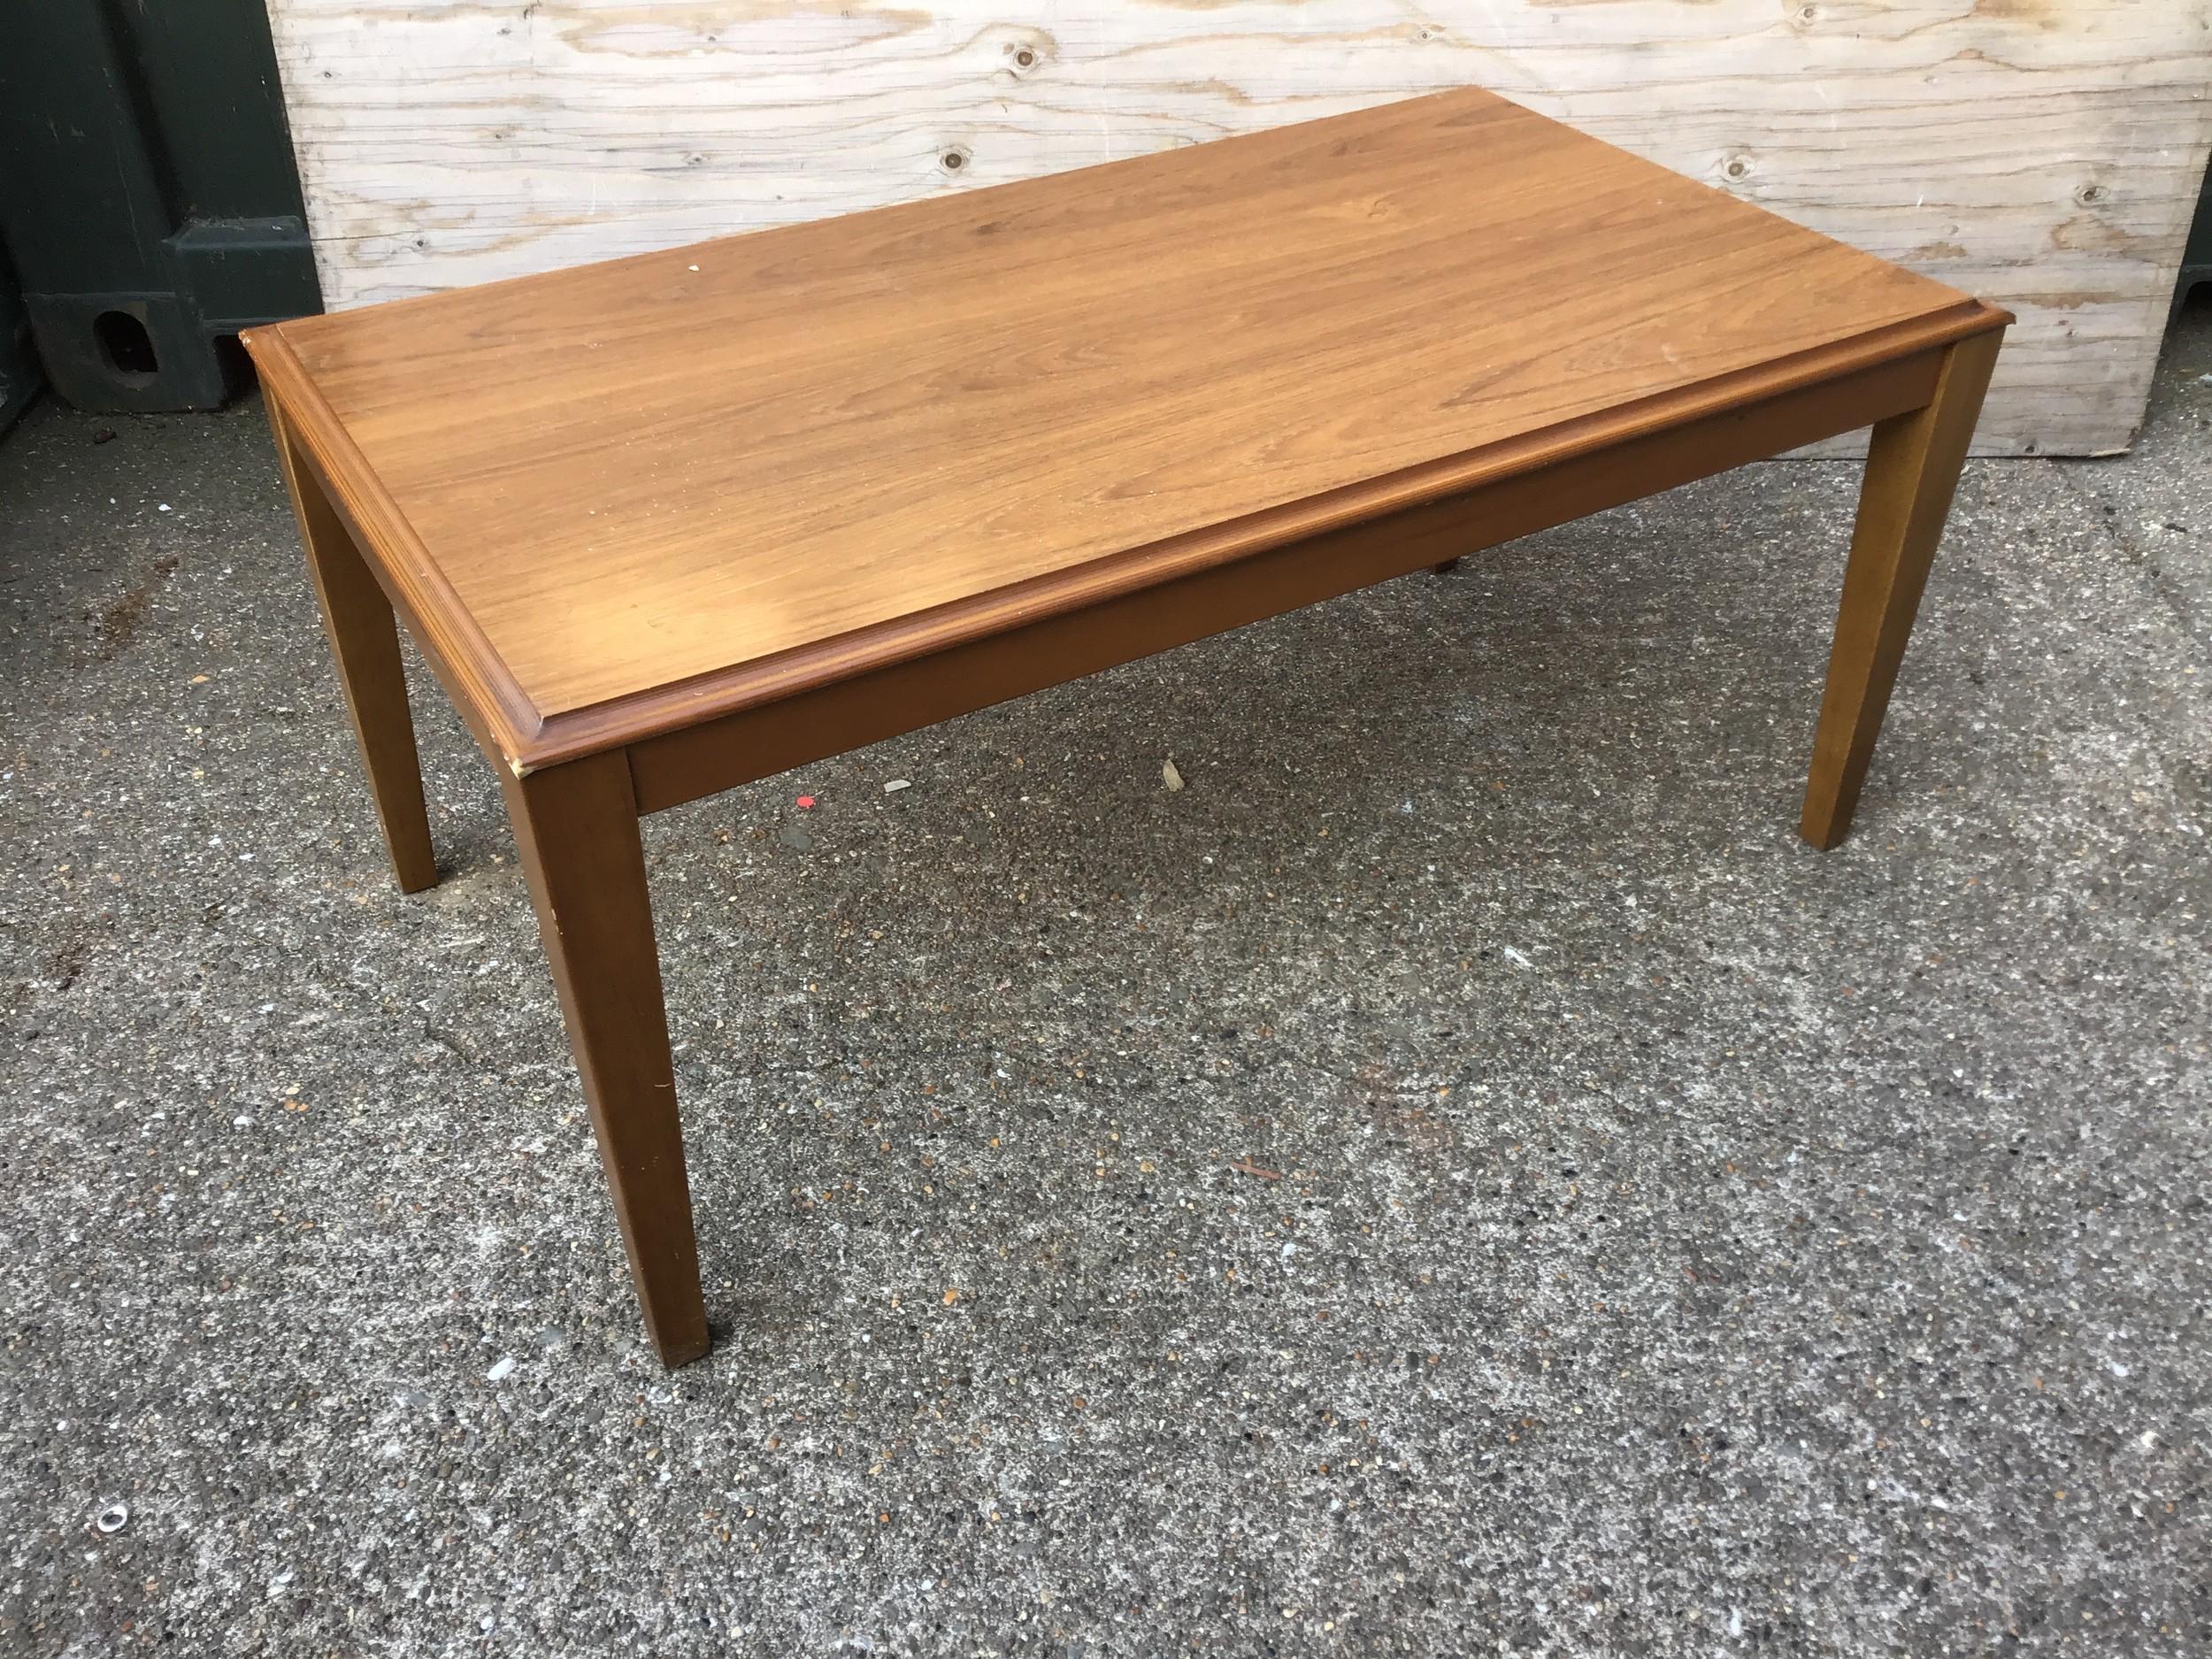 Coffee Table - 90cm W x 50cm D